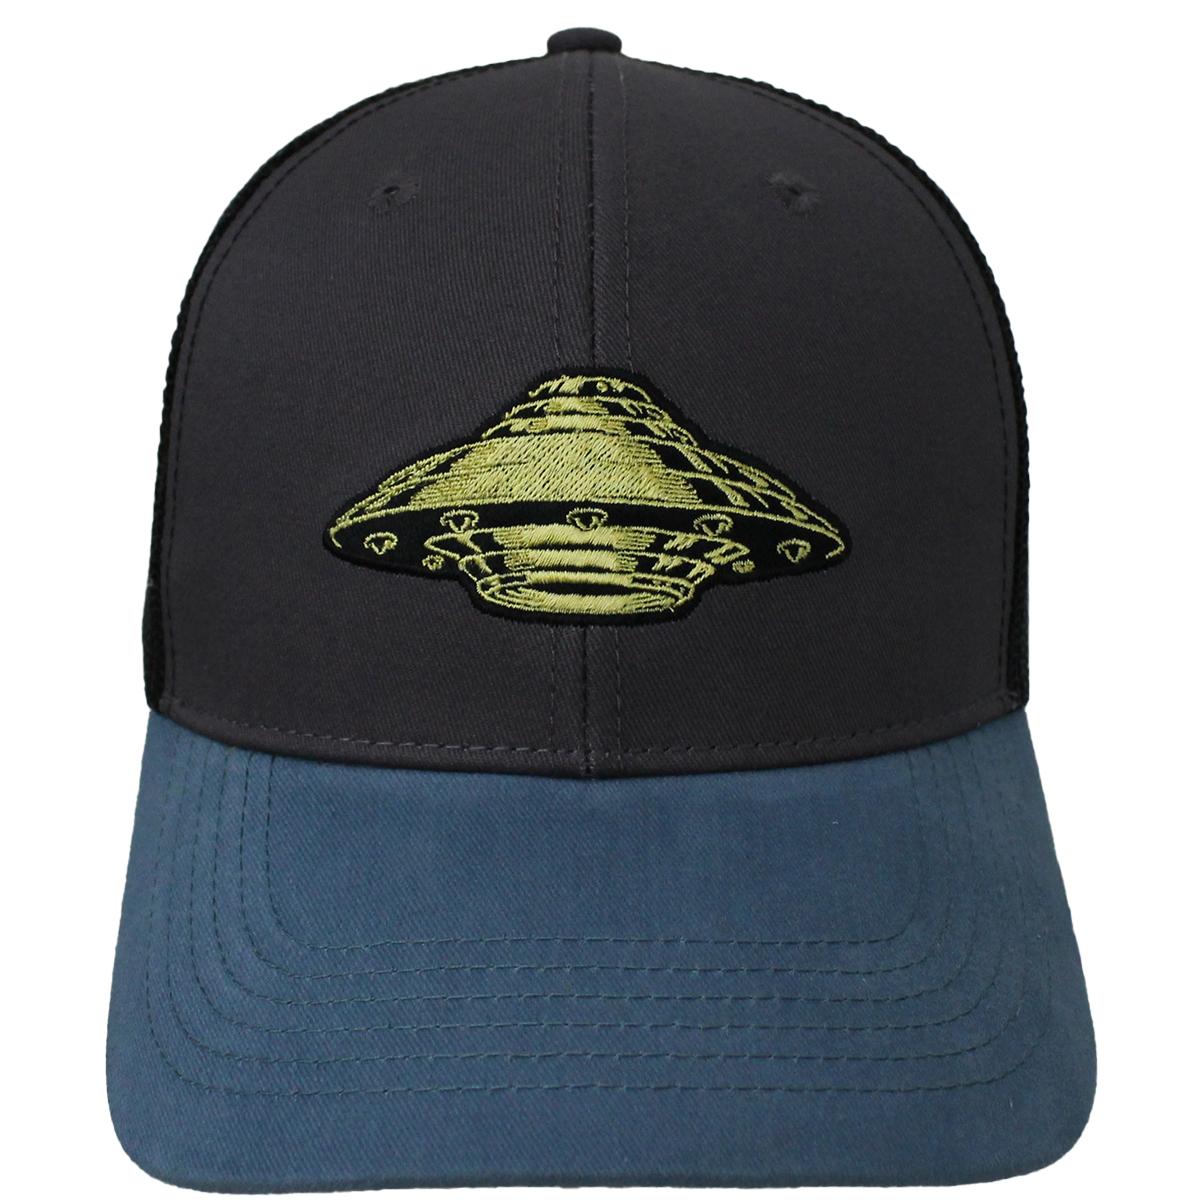 LEGENDS SPACESHIP CAP